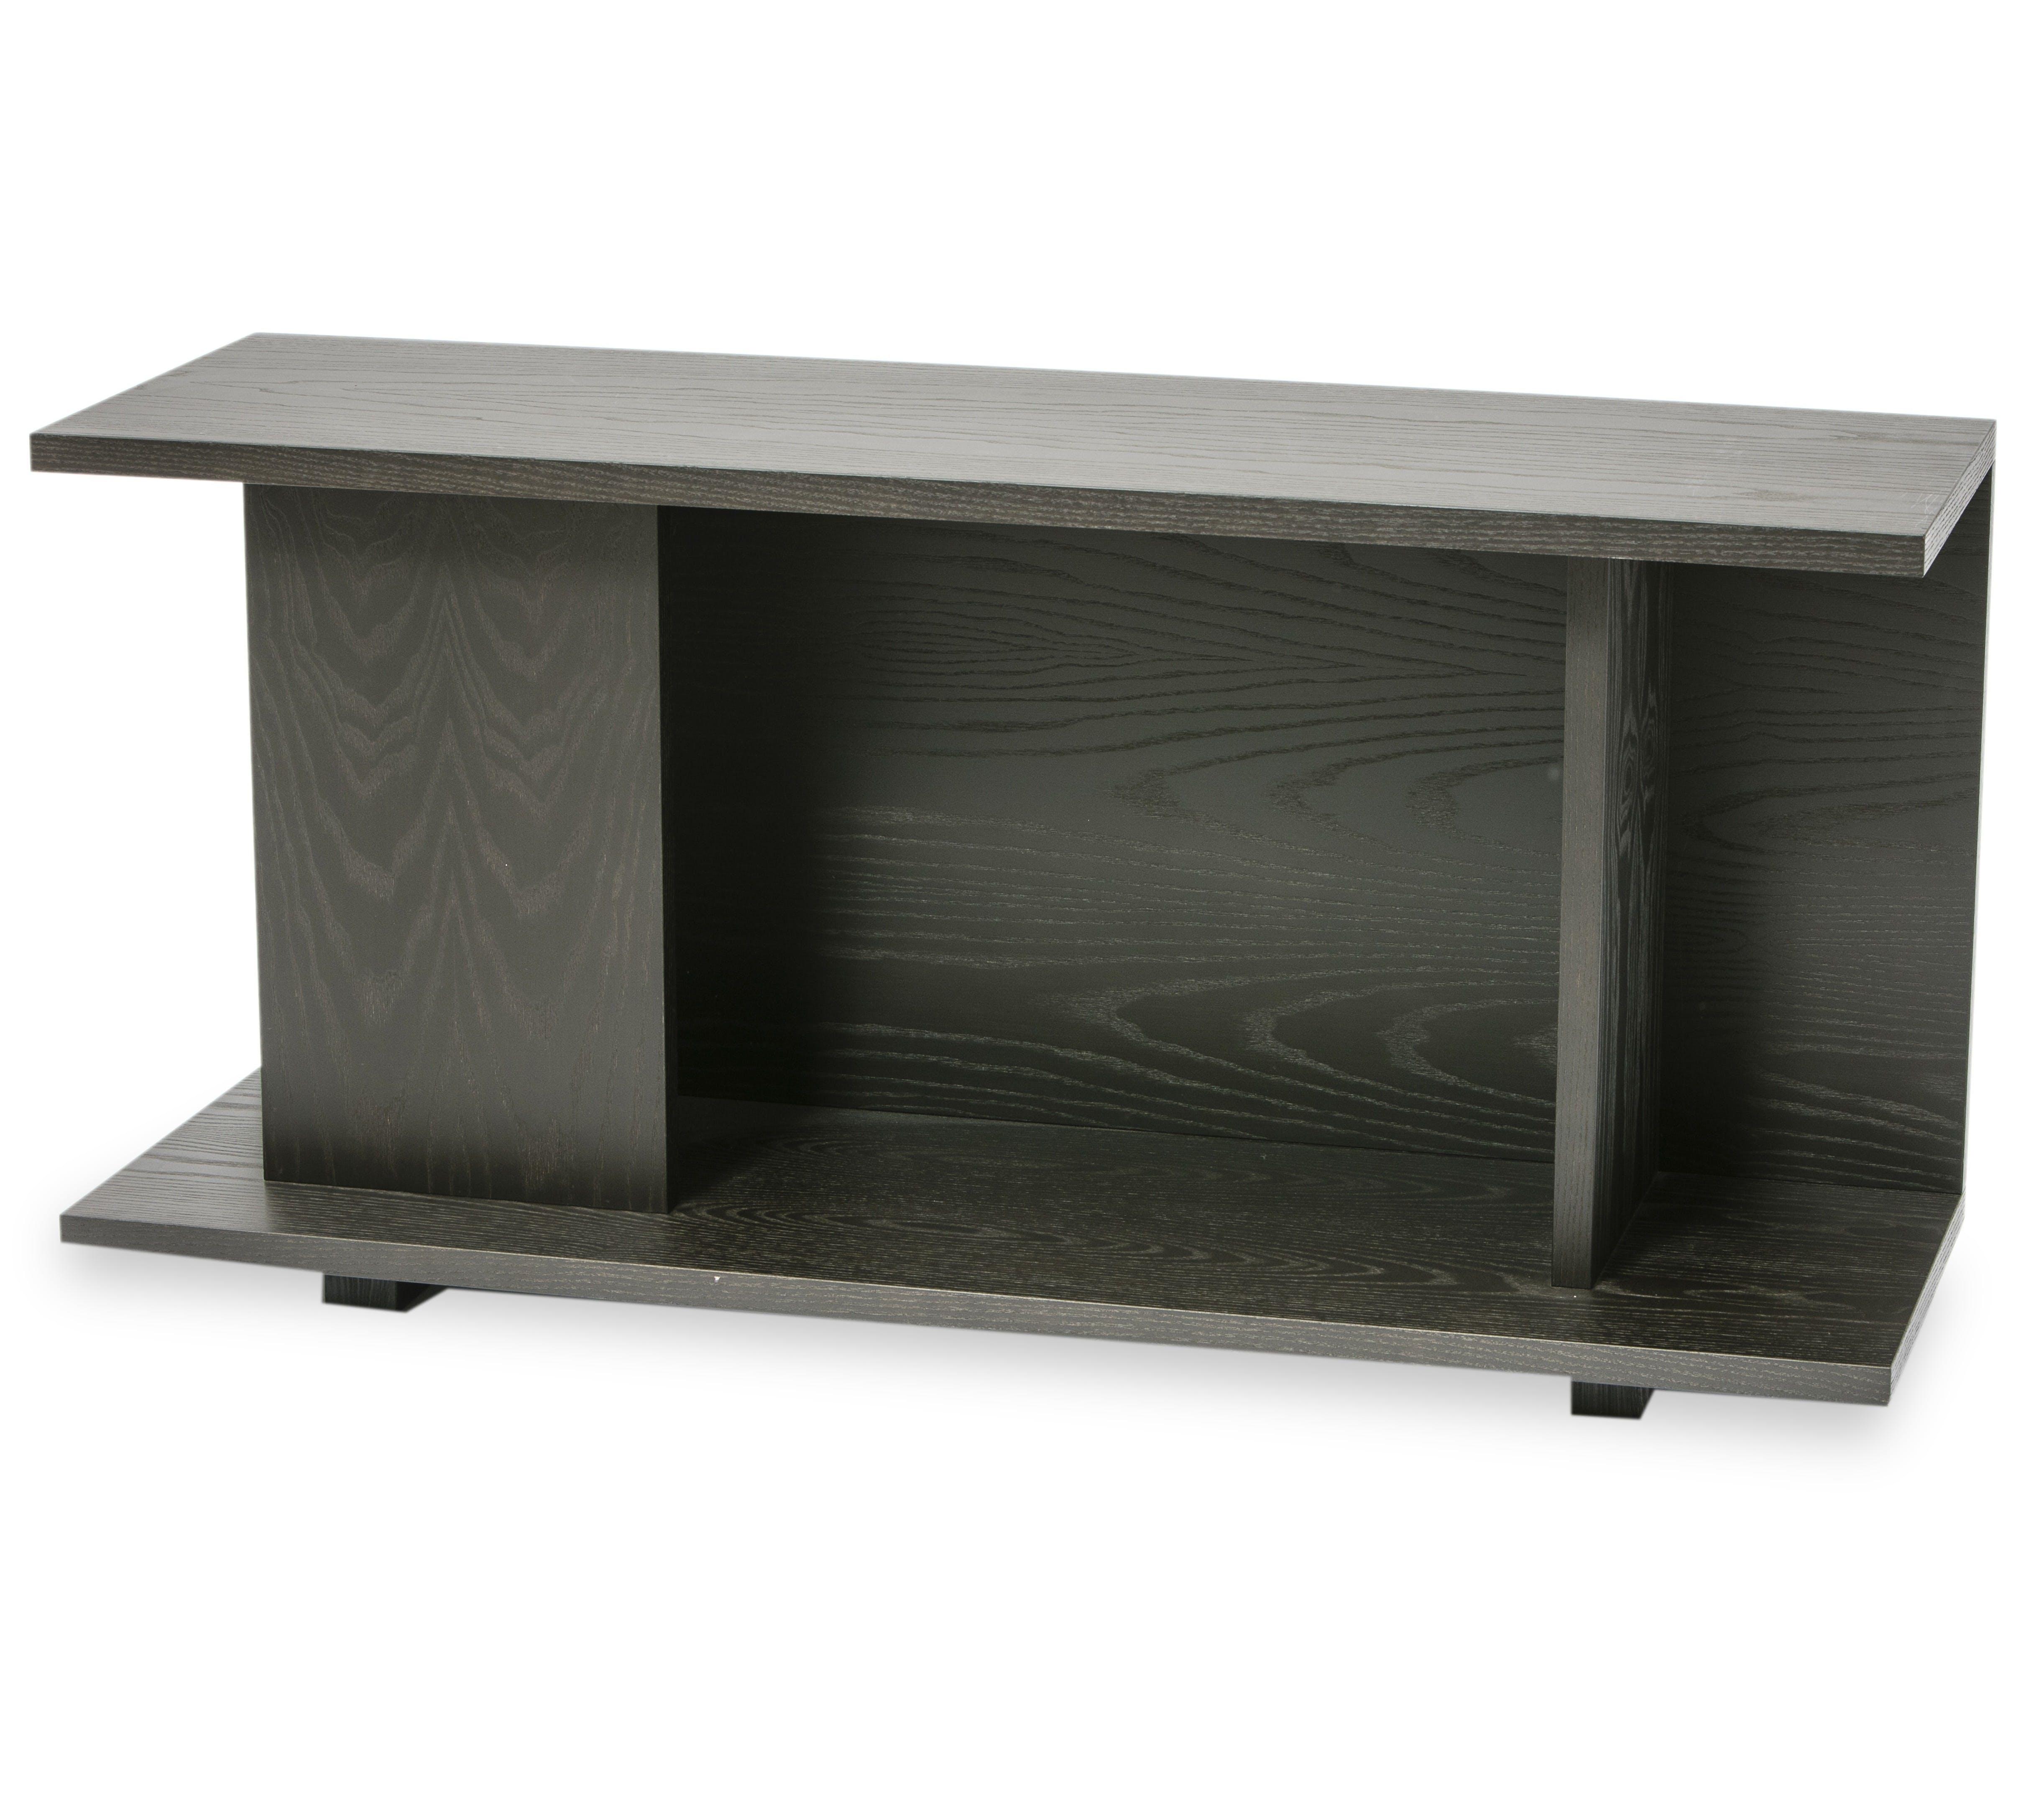 Linteloo-black-hamptons-cabinet-haute-living